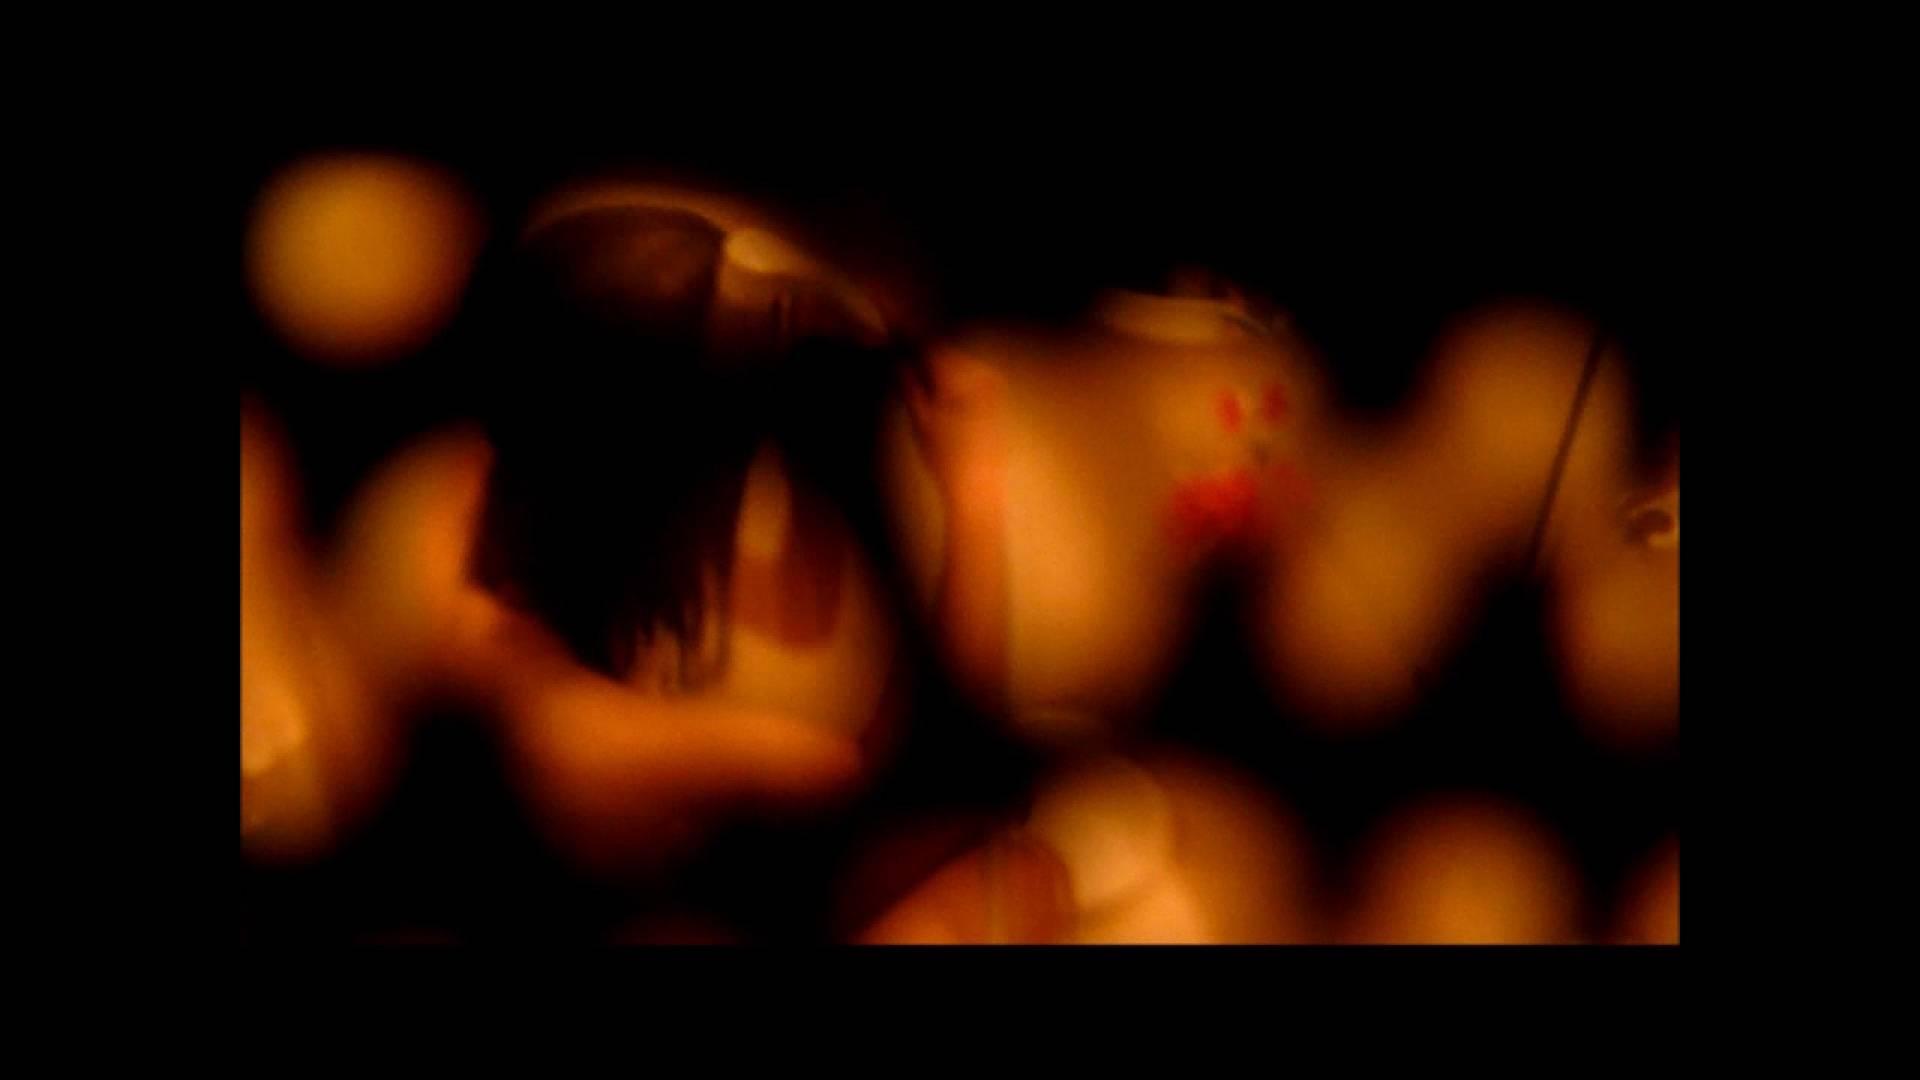 【02】ベランダに侵入して張り込みを始めて・・・やっと結果が出ました。 マンコ特集 | オマンコ丸見え  25連発 25